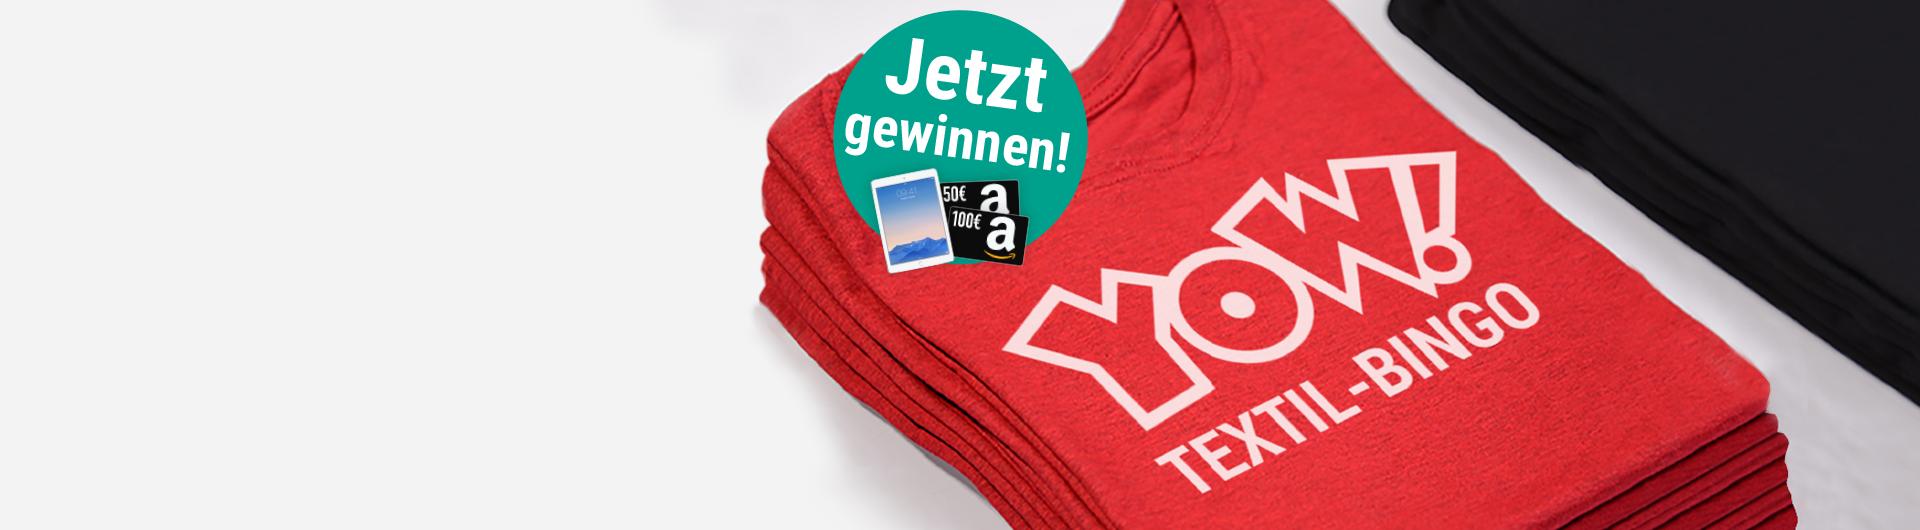 Das YOW! Textil-Bingo ist live!